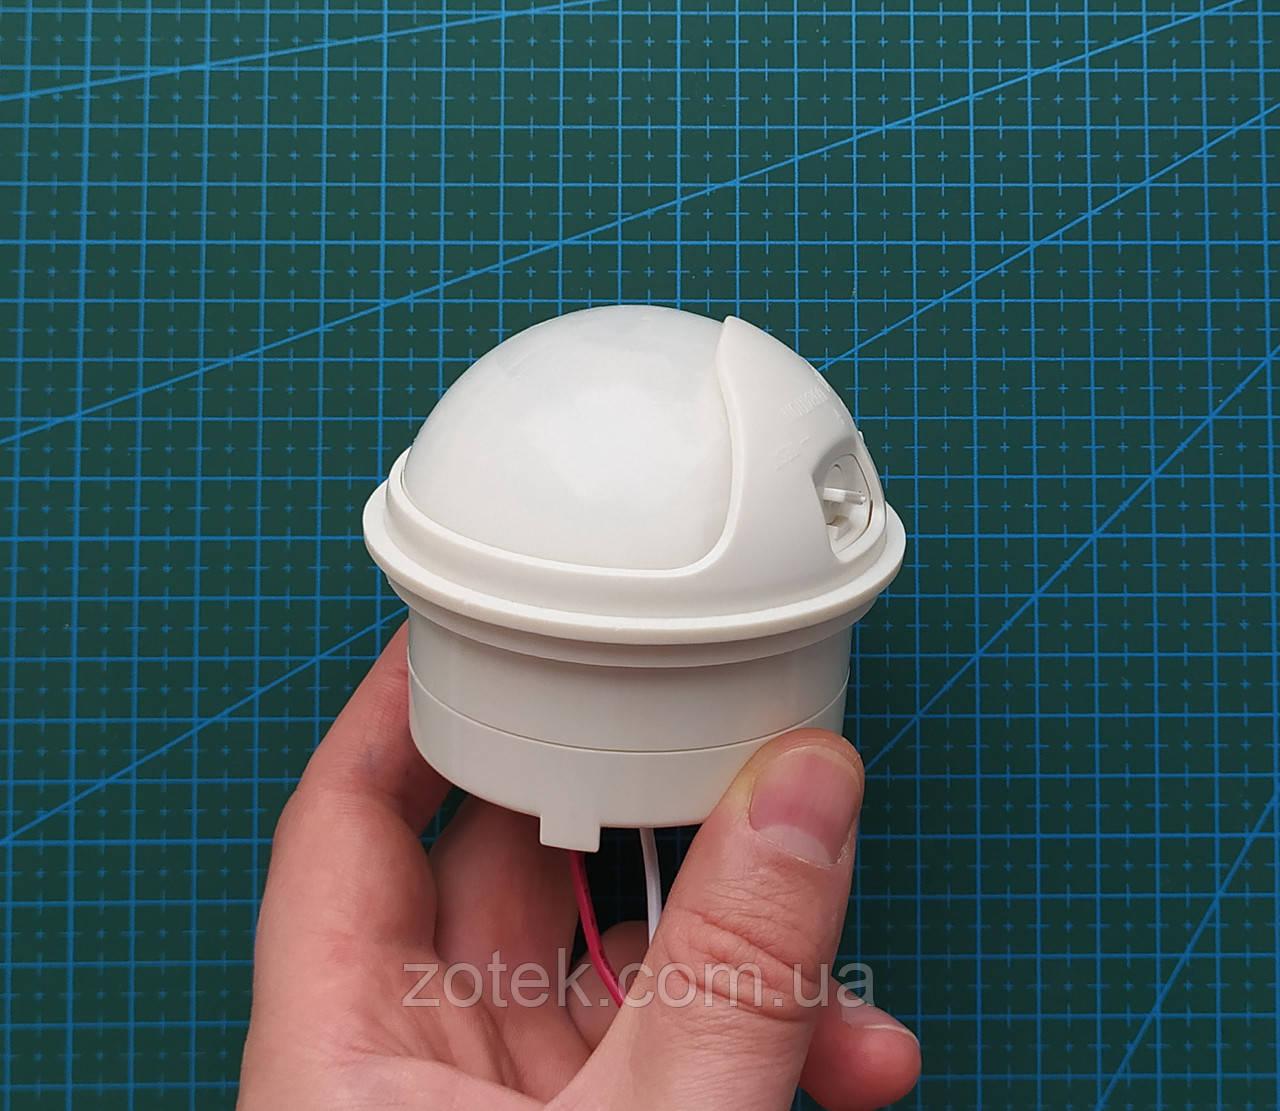 Датчик движения для включения освещения по движению 10А 220В ИК PIR инфрокрасный